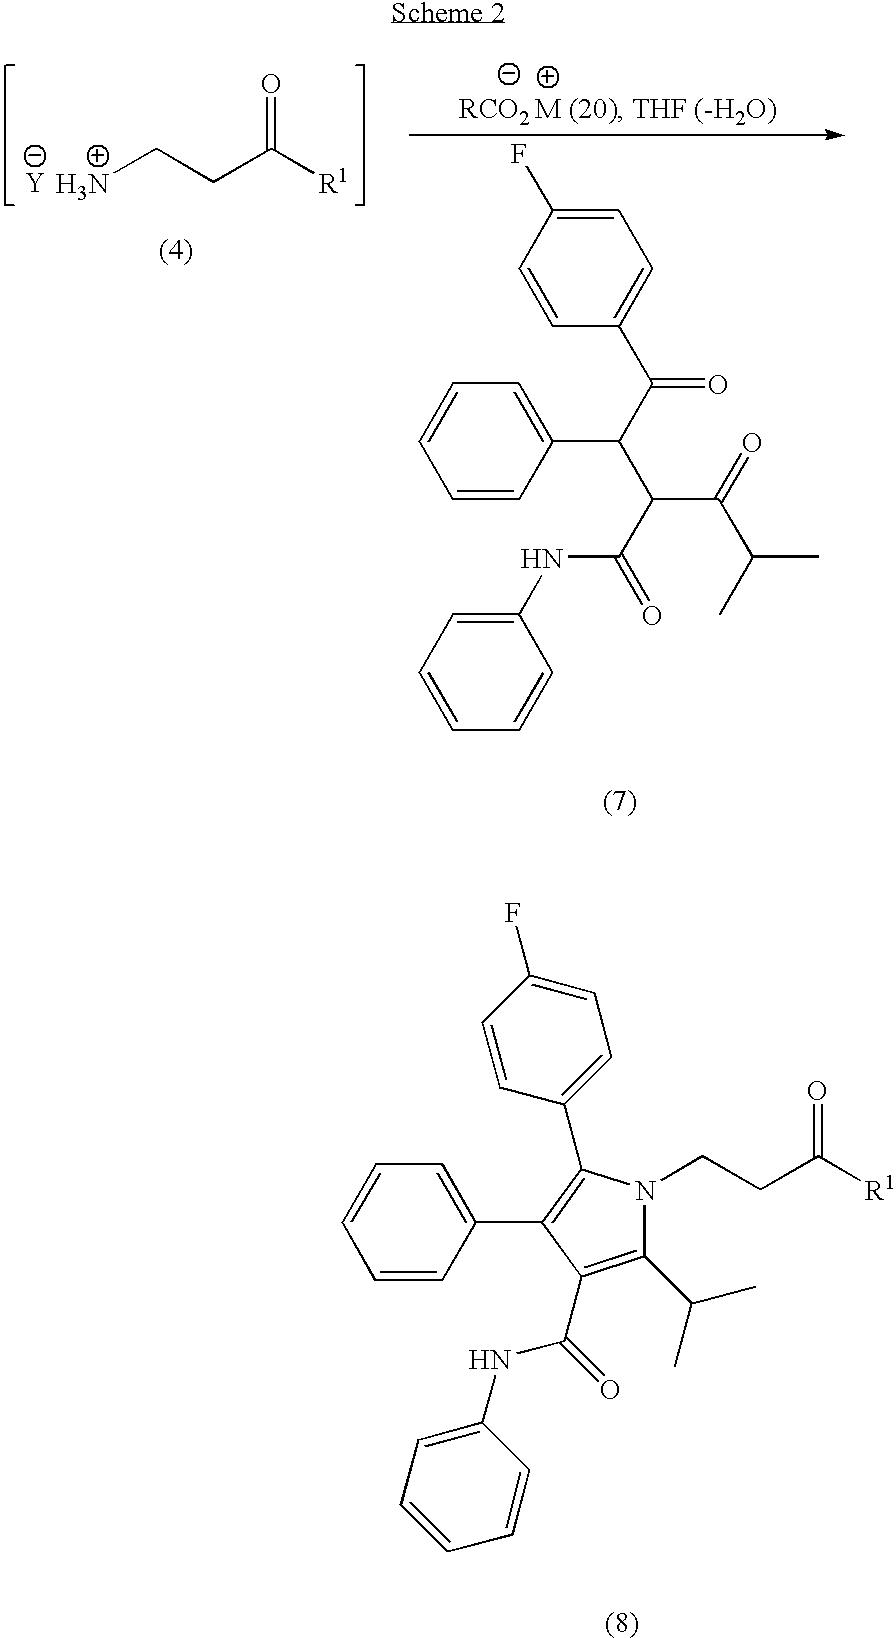 Figure US20070032662A1-20070208-C00048